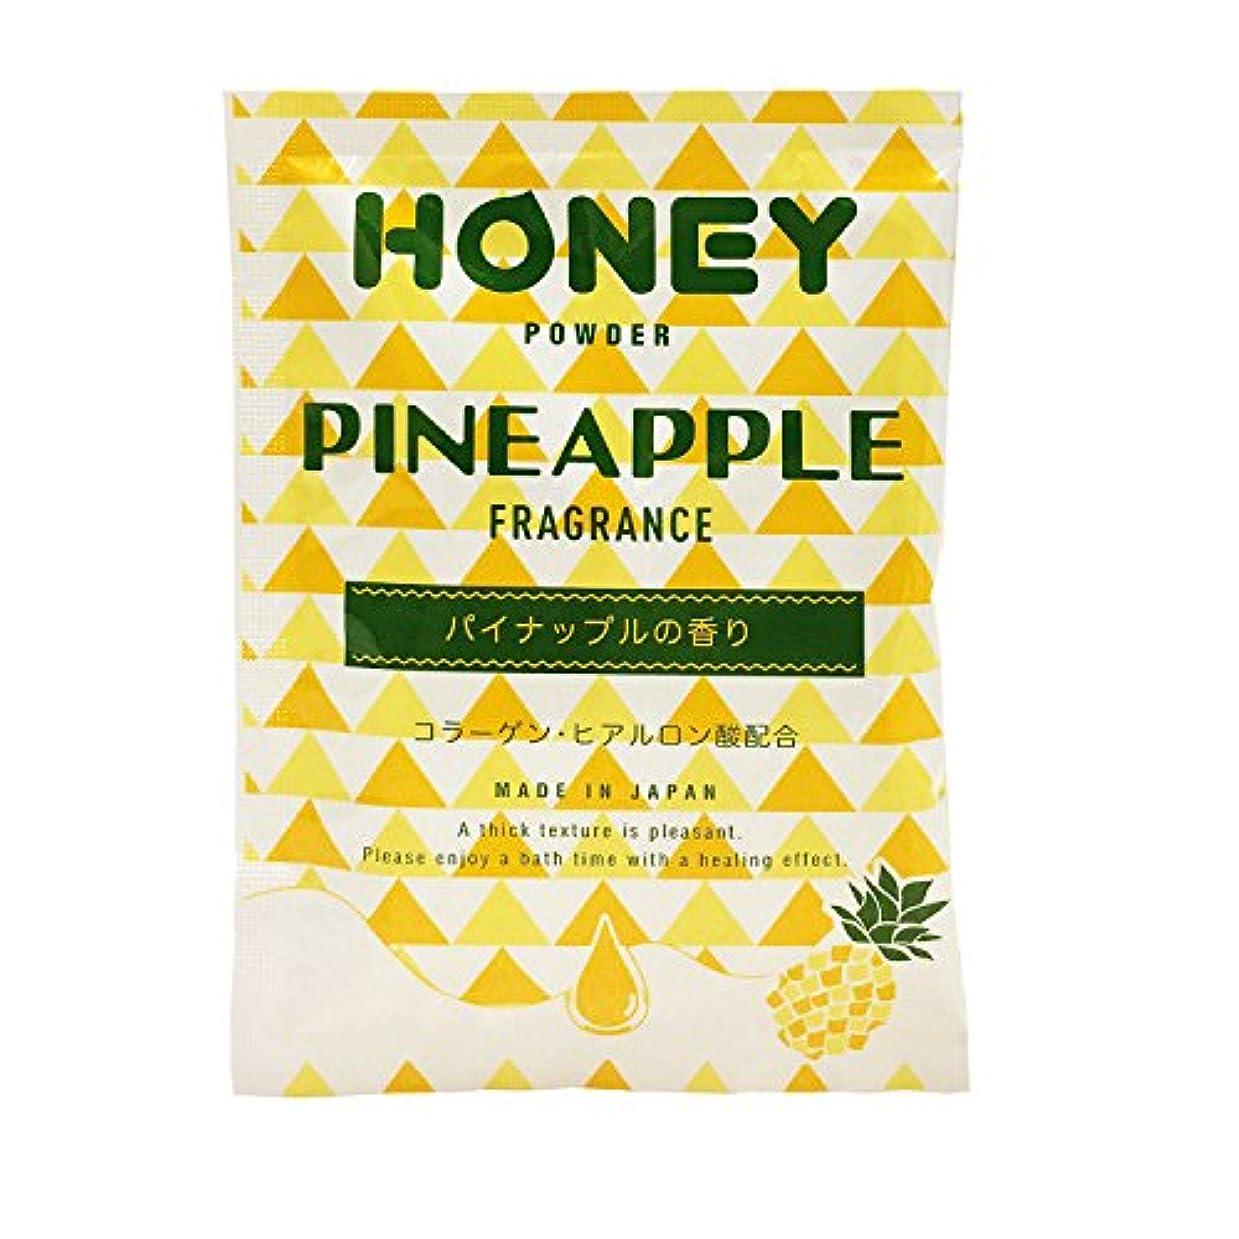 不完全な七面鳥心臓とろとろ入浴剤【honey powder】(ハニーパウダー) パイナップルの香り 粉末タイプ ローション